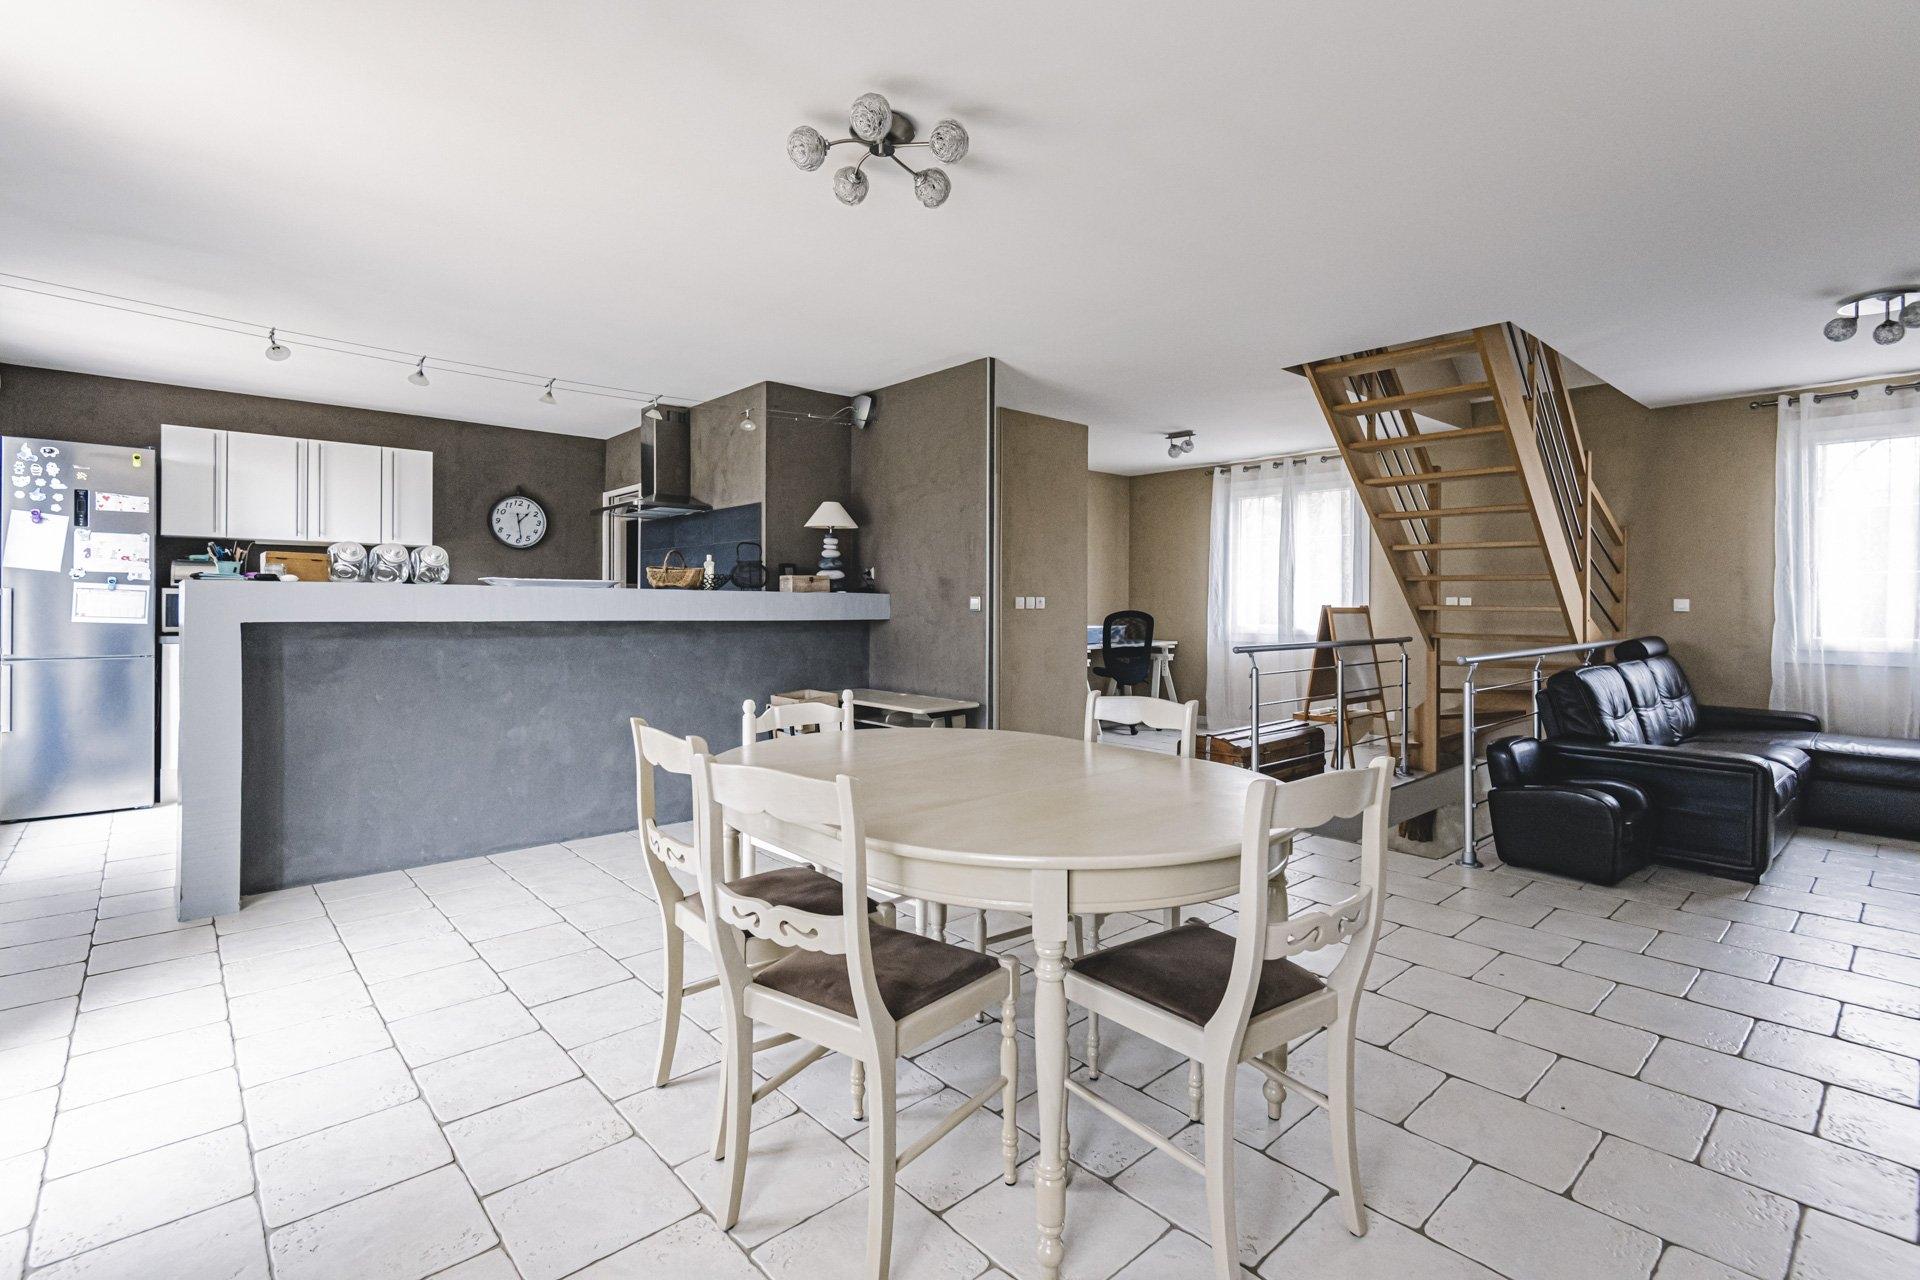 Maison Bouleuse 6 Pièces 140 m2 - 3